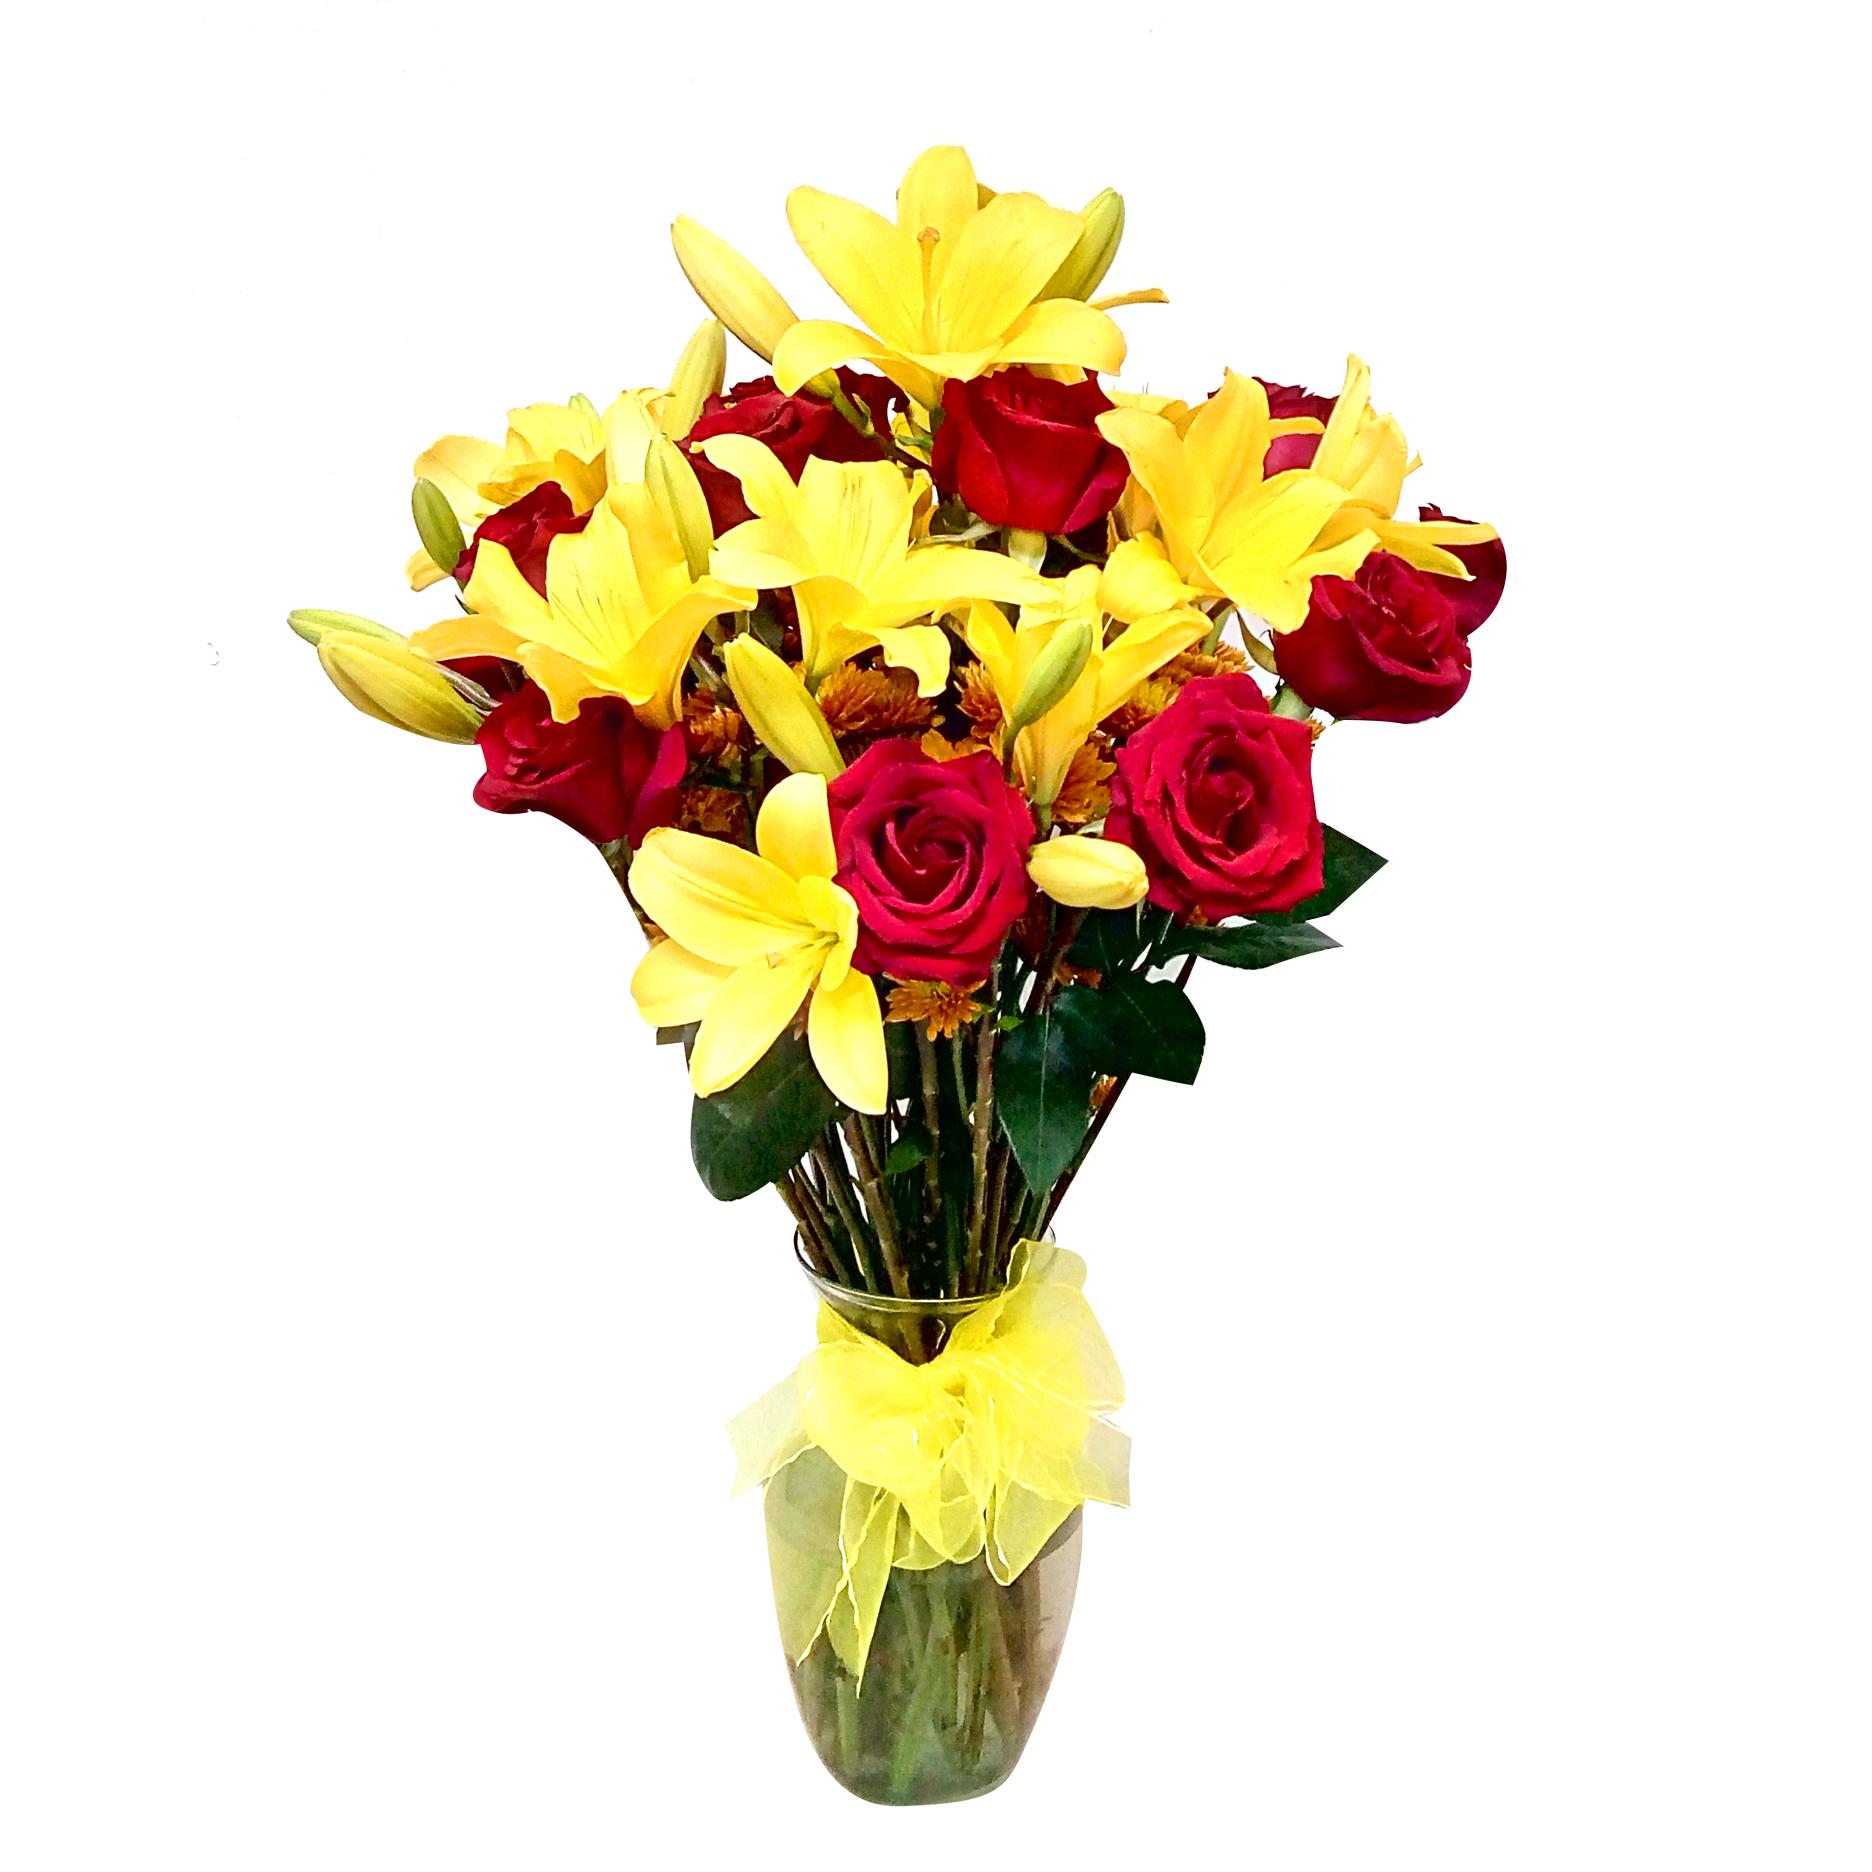 Floreros Mixto con Rosas, Lilium y Mable Pompom